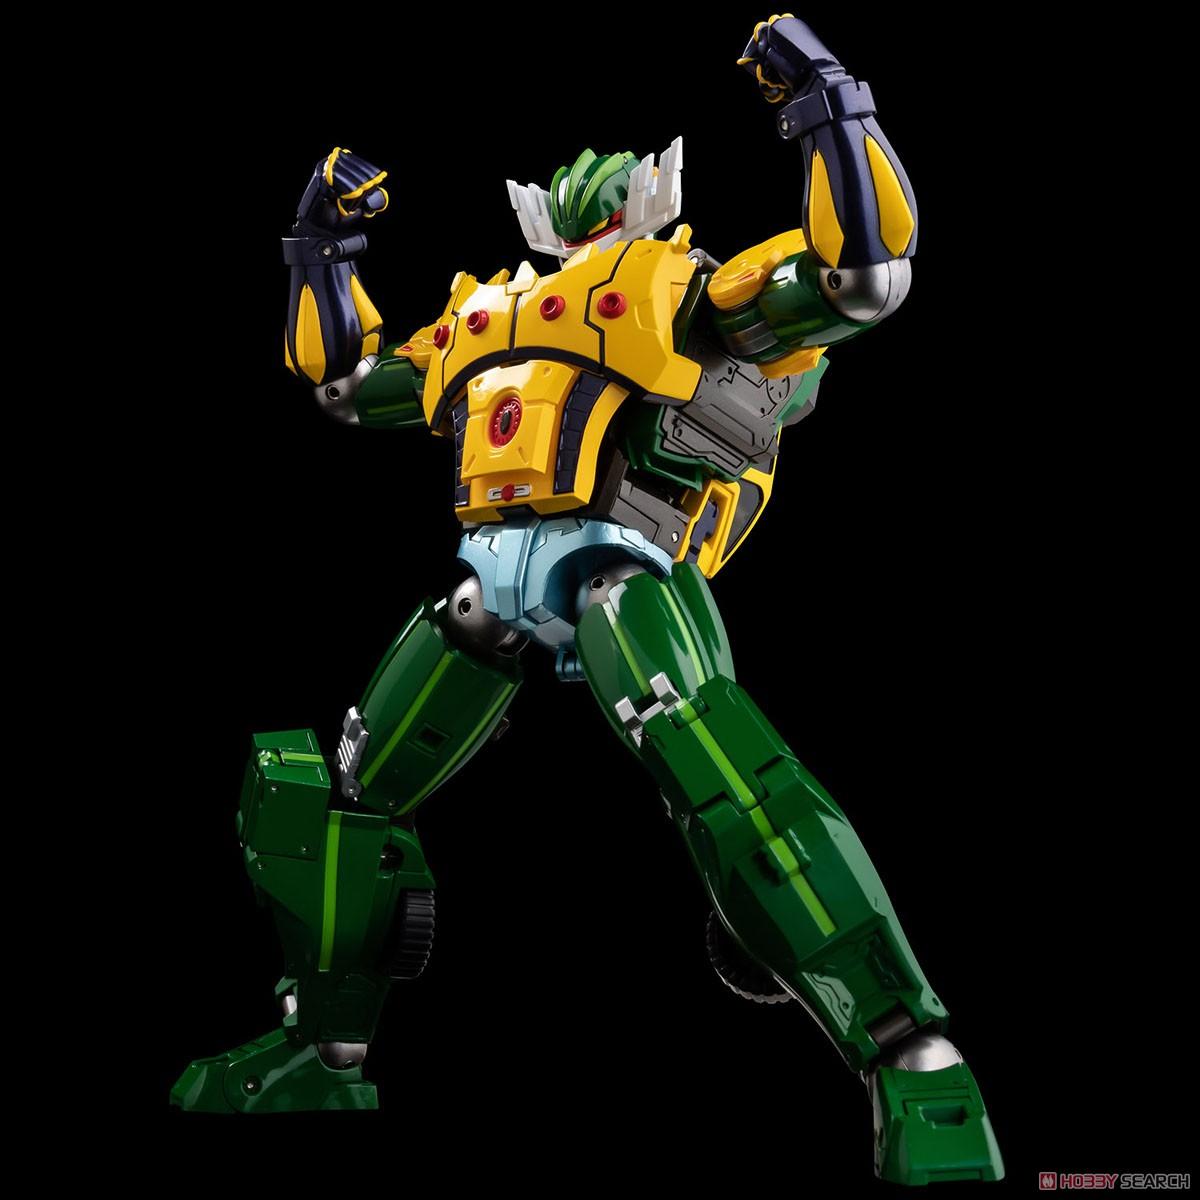 METAMOR-FORCE『ジーグフリート』鋼鉄ジーグ a.k.a. JEEGFRIED 可変可動フィギュア-001